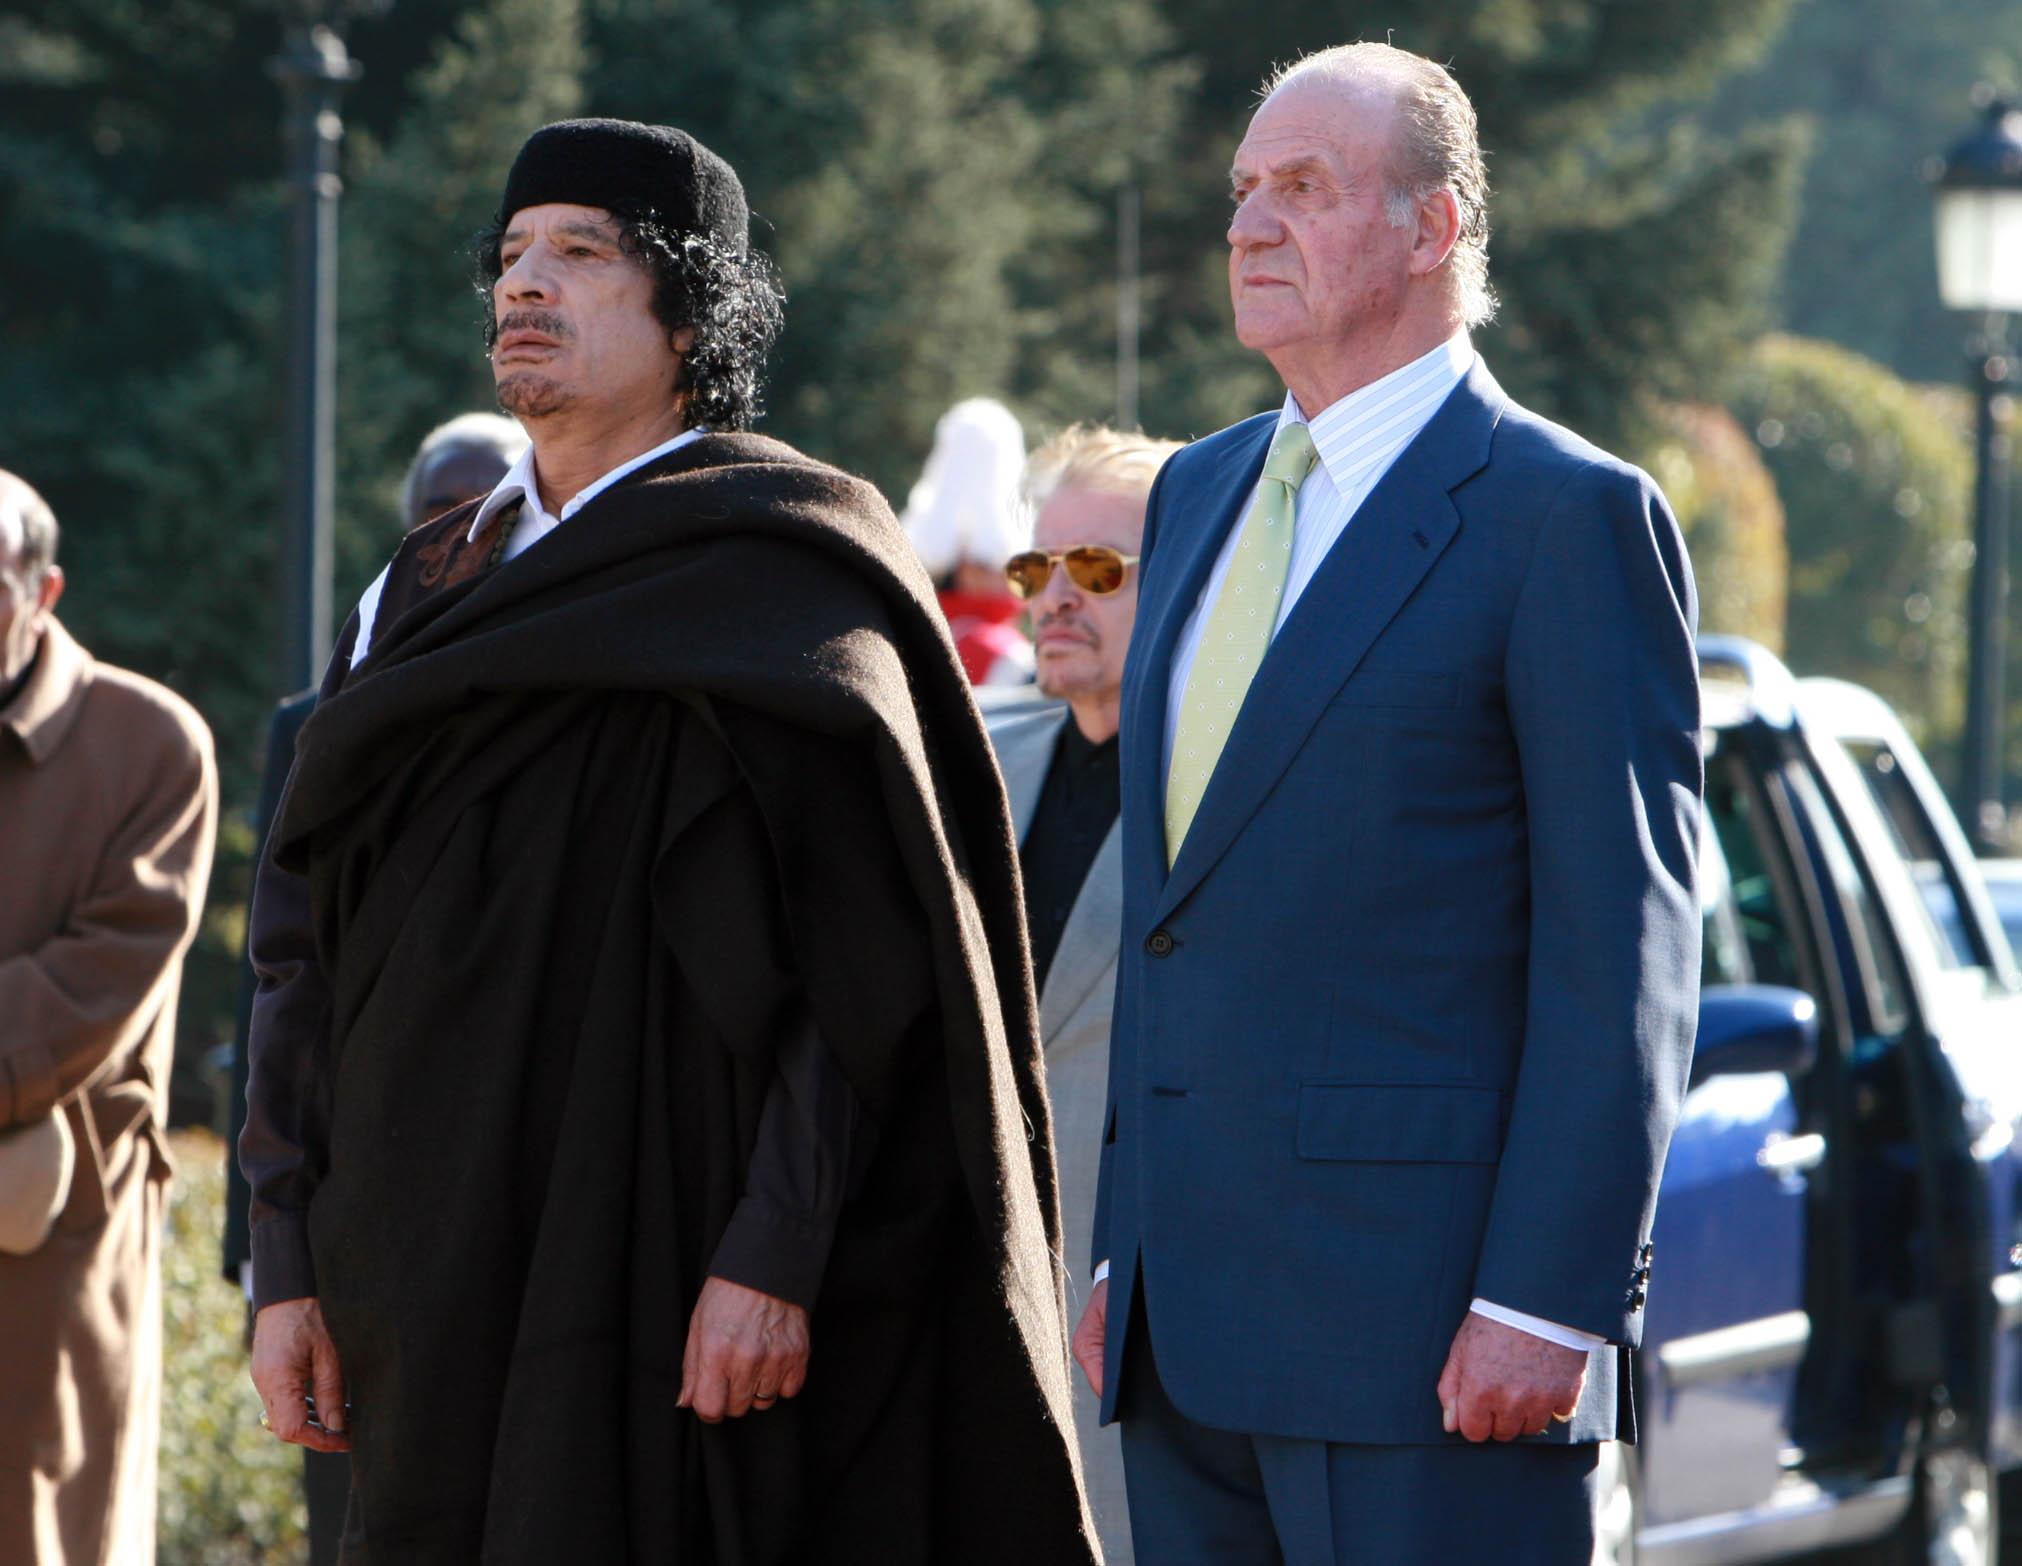 .سجل حضورك ... بصورة تعز عليك ... للبطل الشهيد القائد معمر القذافي - صفحة 32 3m